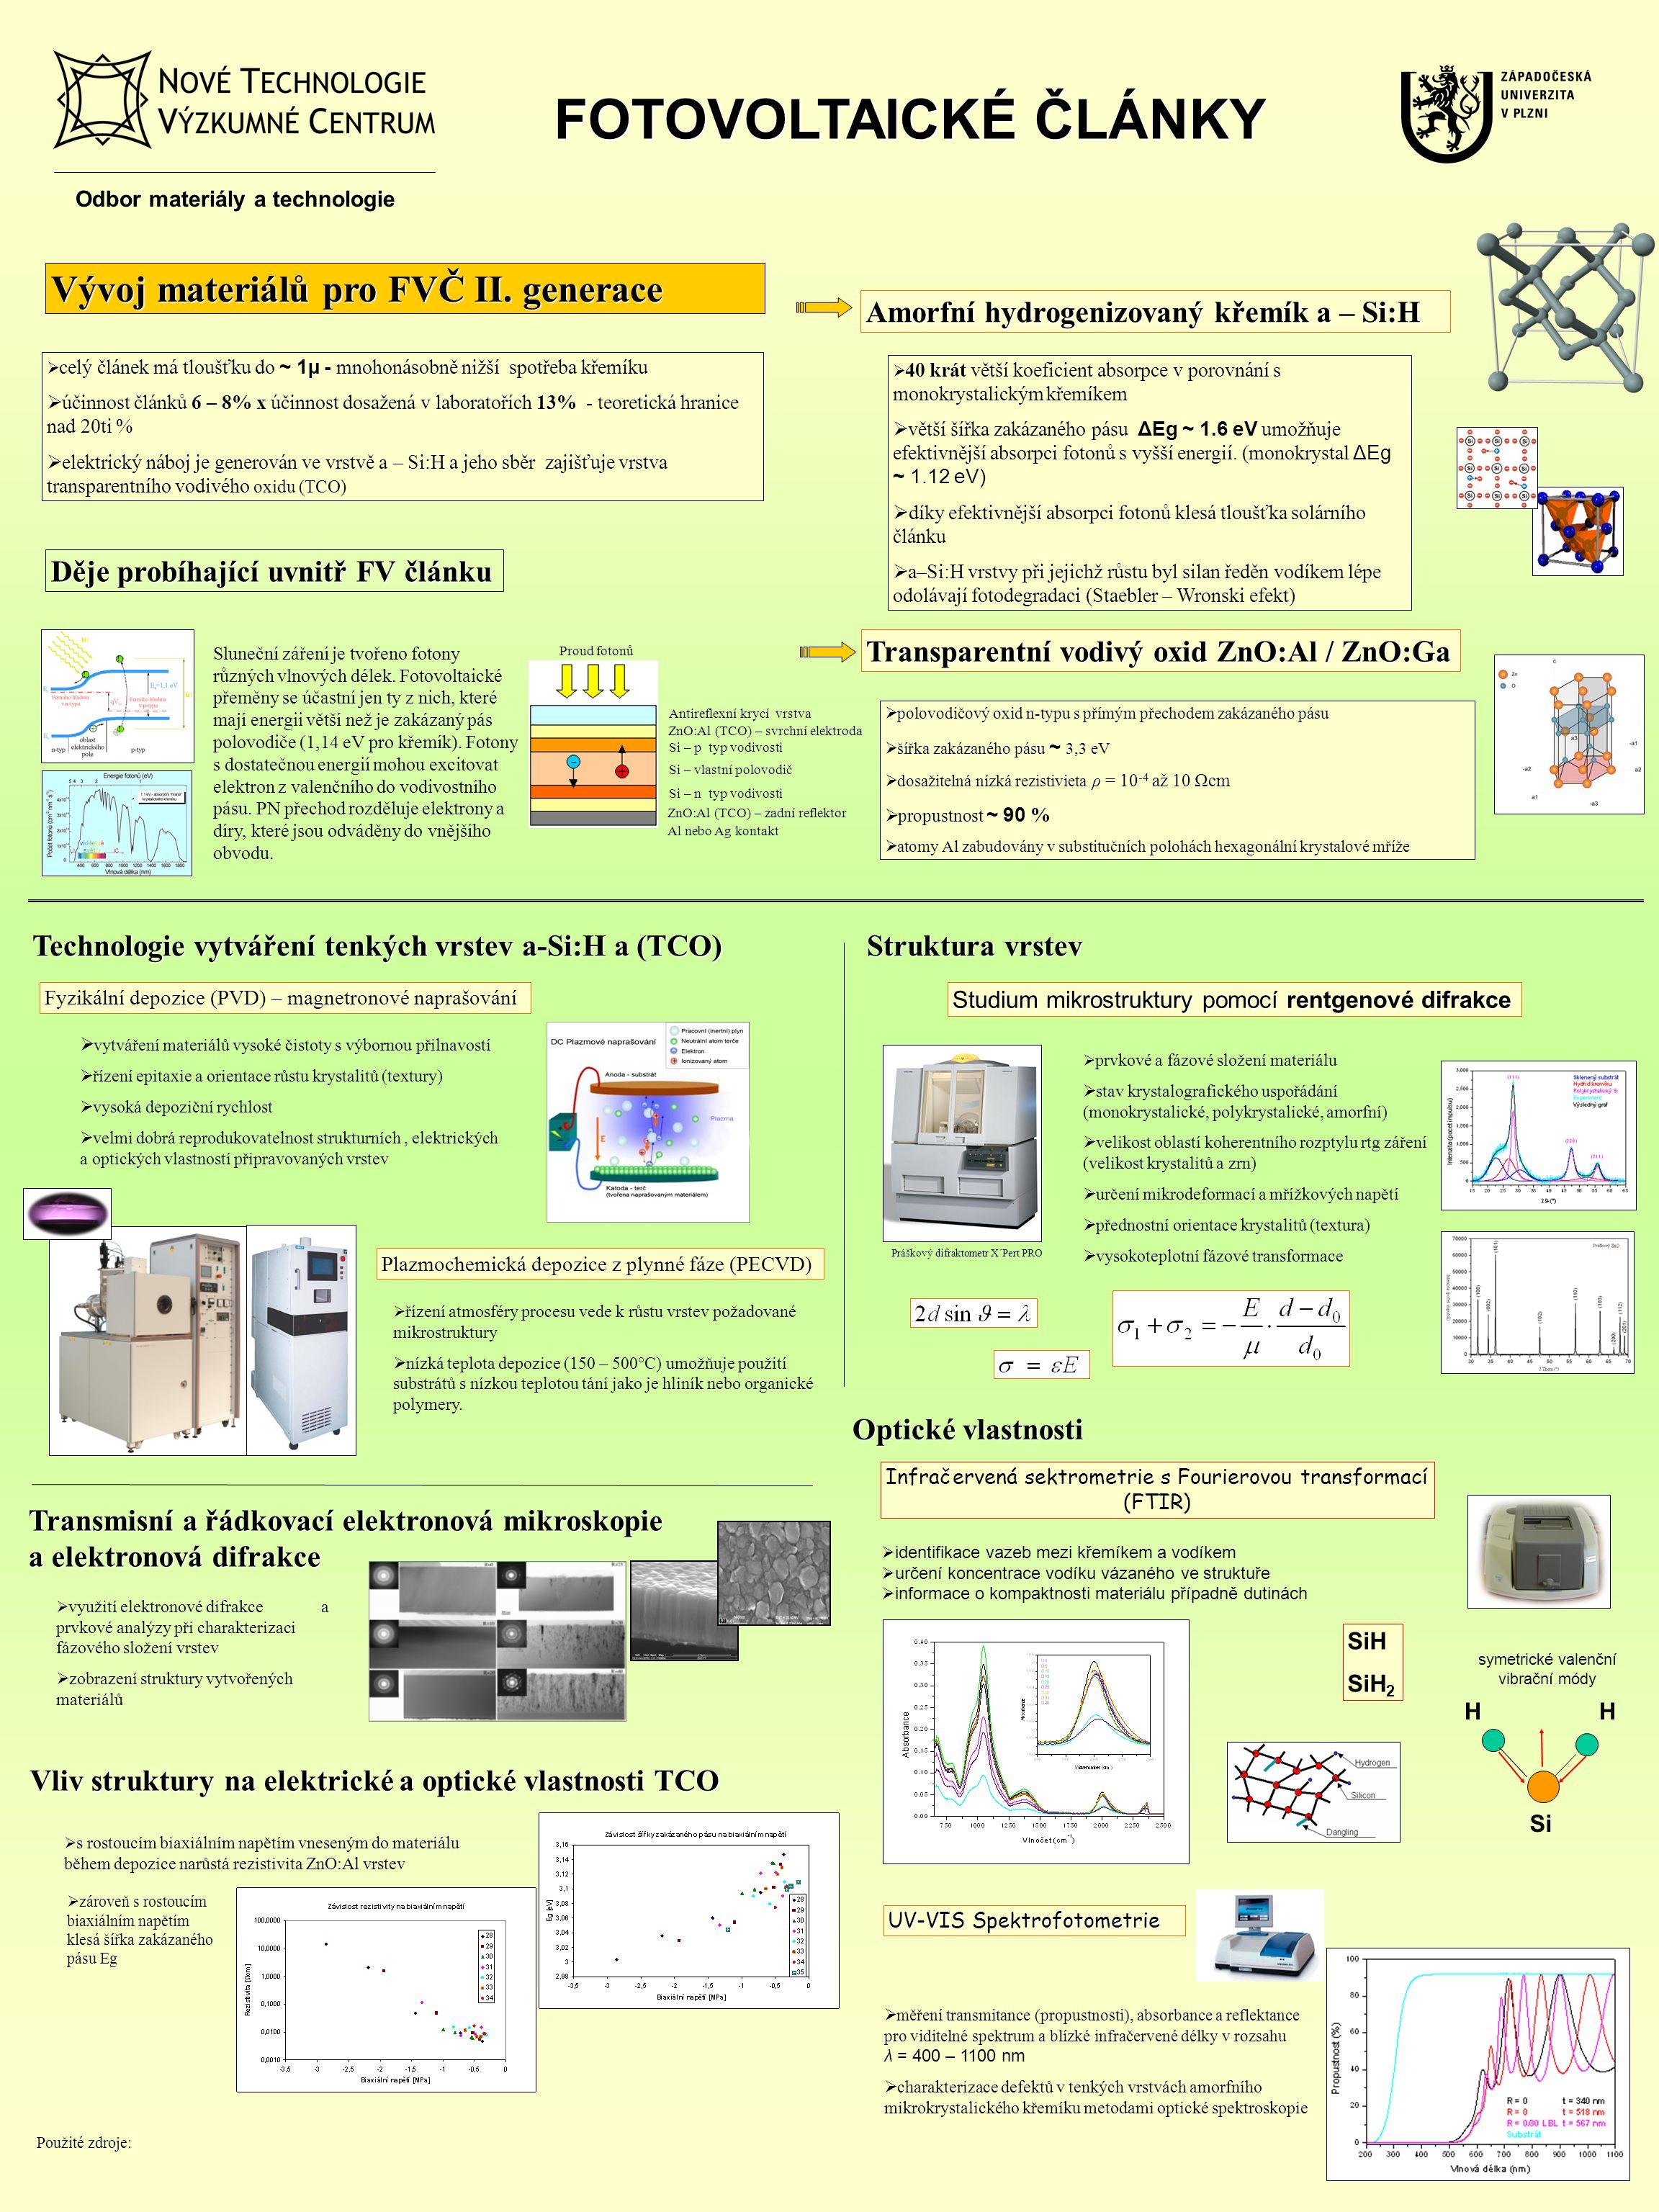 Infračervená sektrometrie s Fourierovou transformací